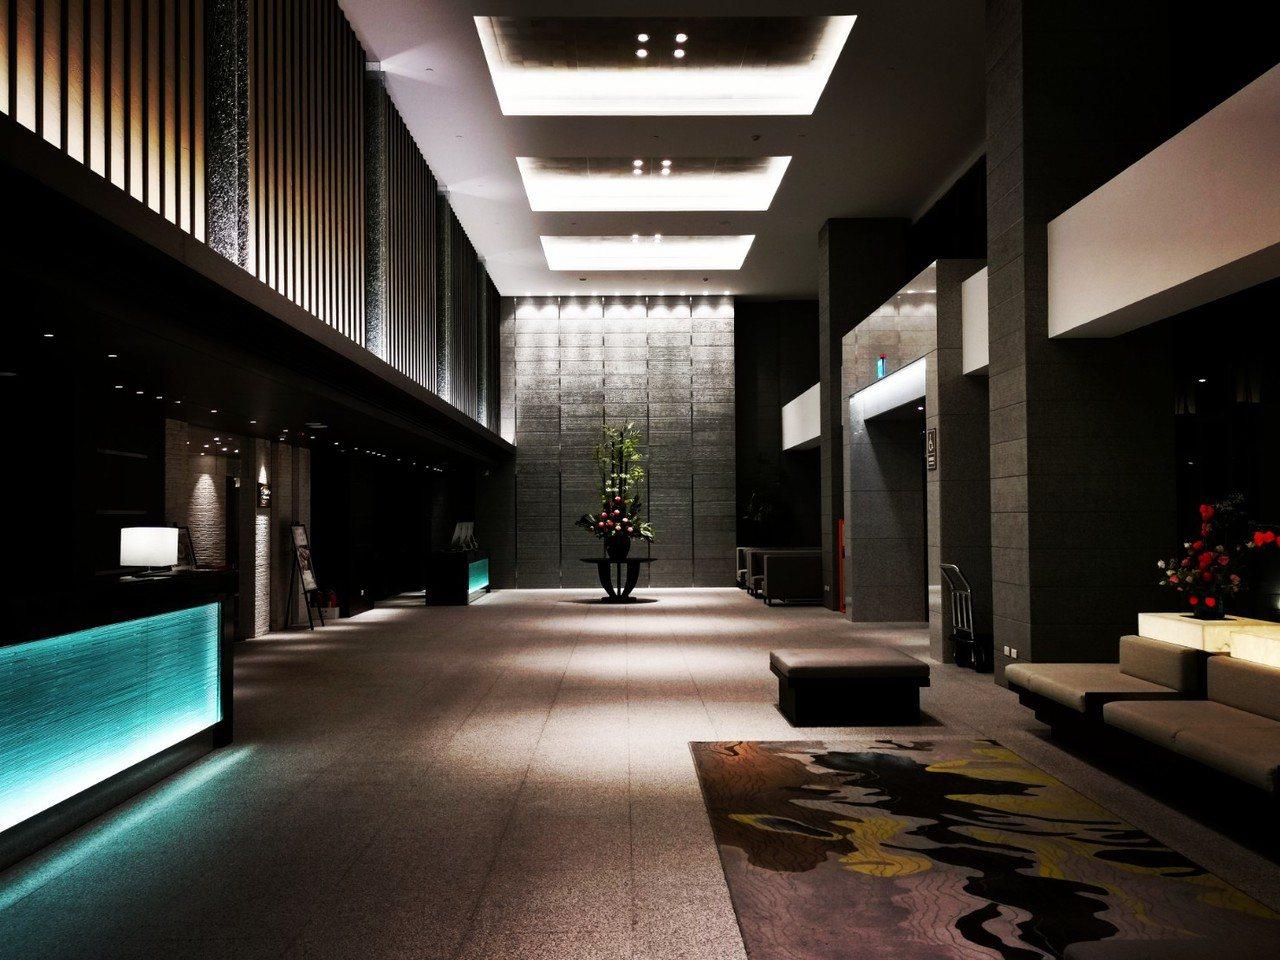 北投亞太飯店的大廳,做挑高設計,氣派典雅。記者韓化宇/攝影